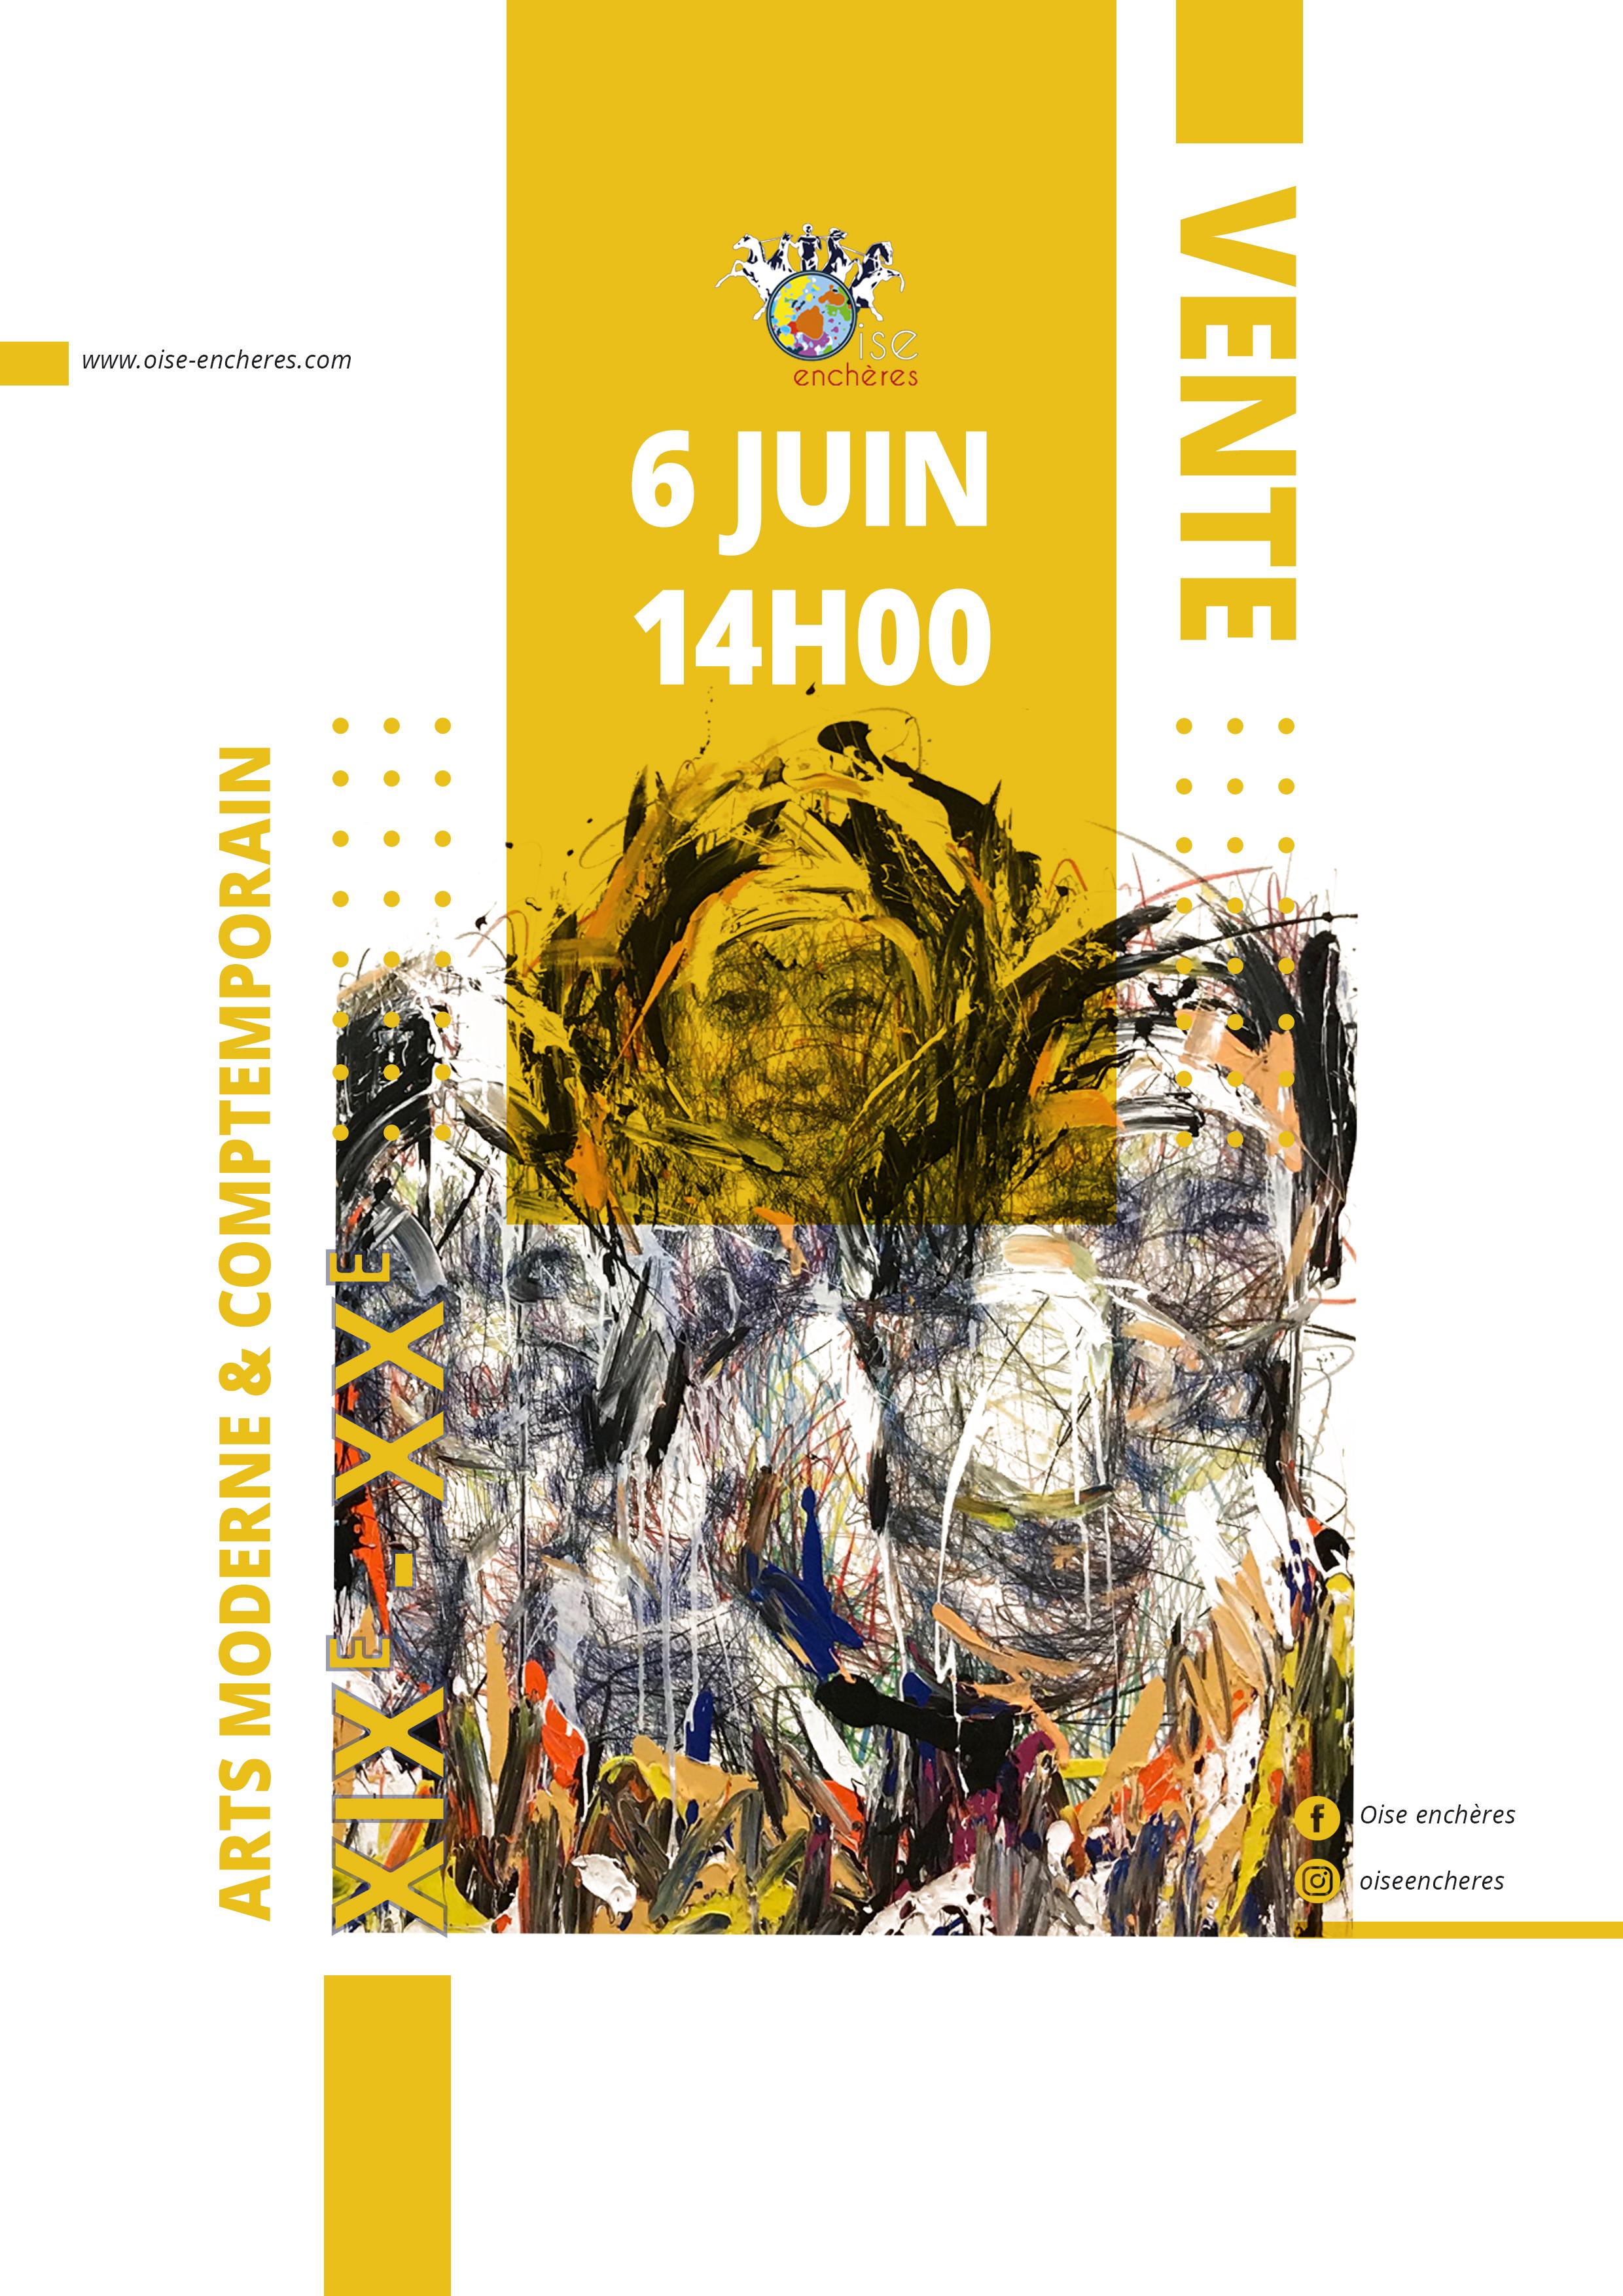 Vente Arts Moderne et Contemporain  Tableaux, Sculptures, Objets d'Art et Mobilier du XXe et Contemporain chez Oise Enchères : 328 lots